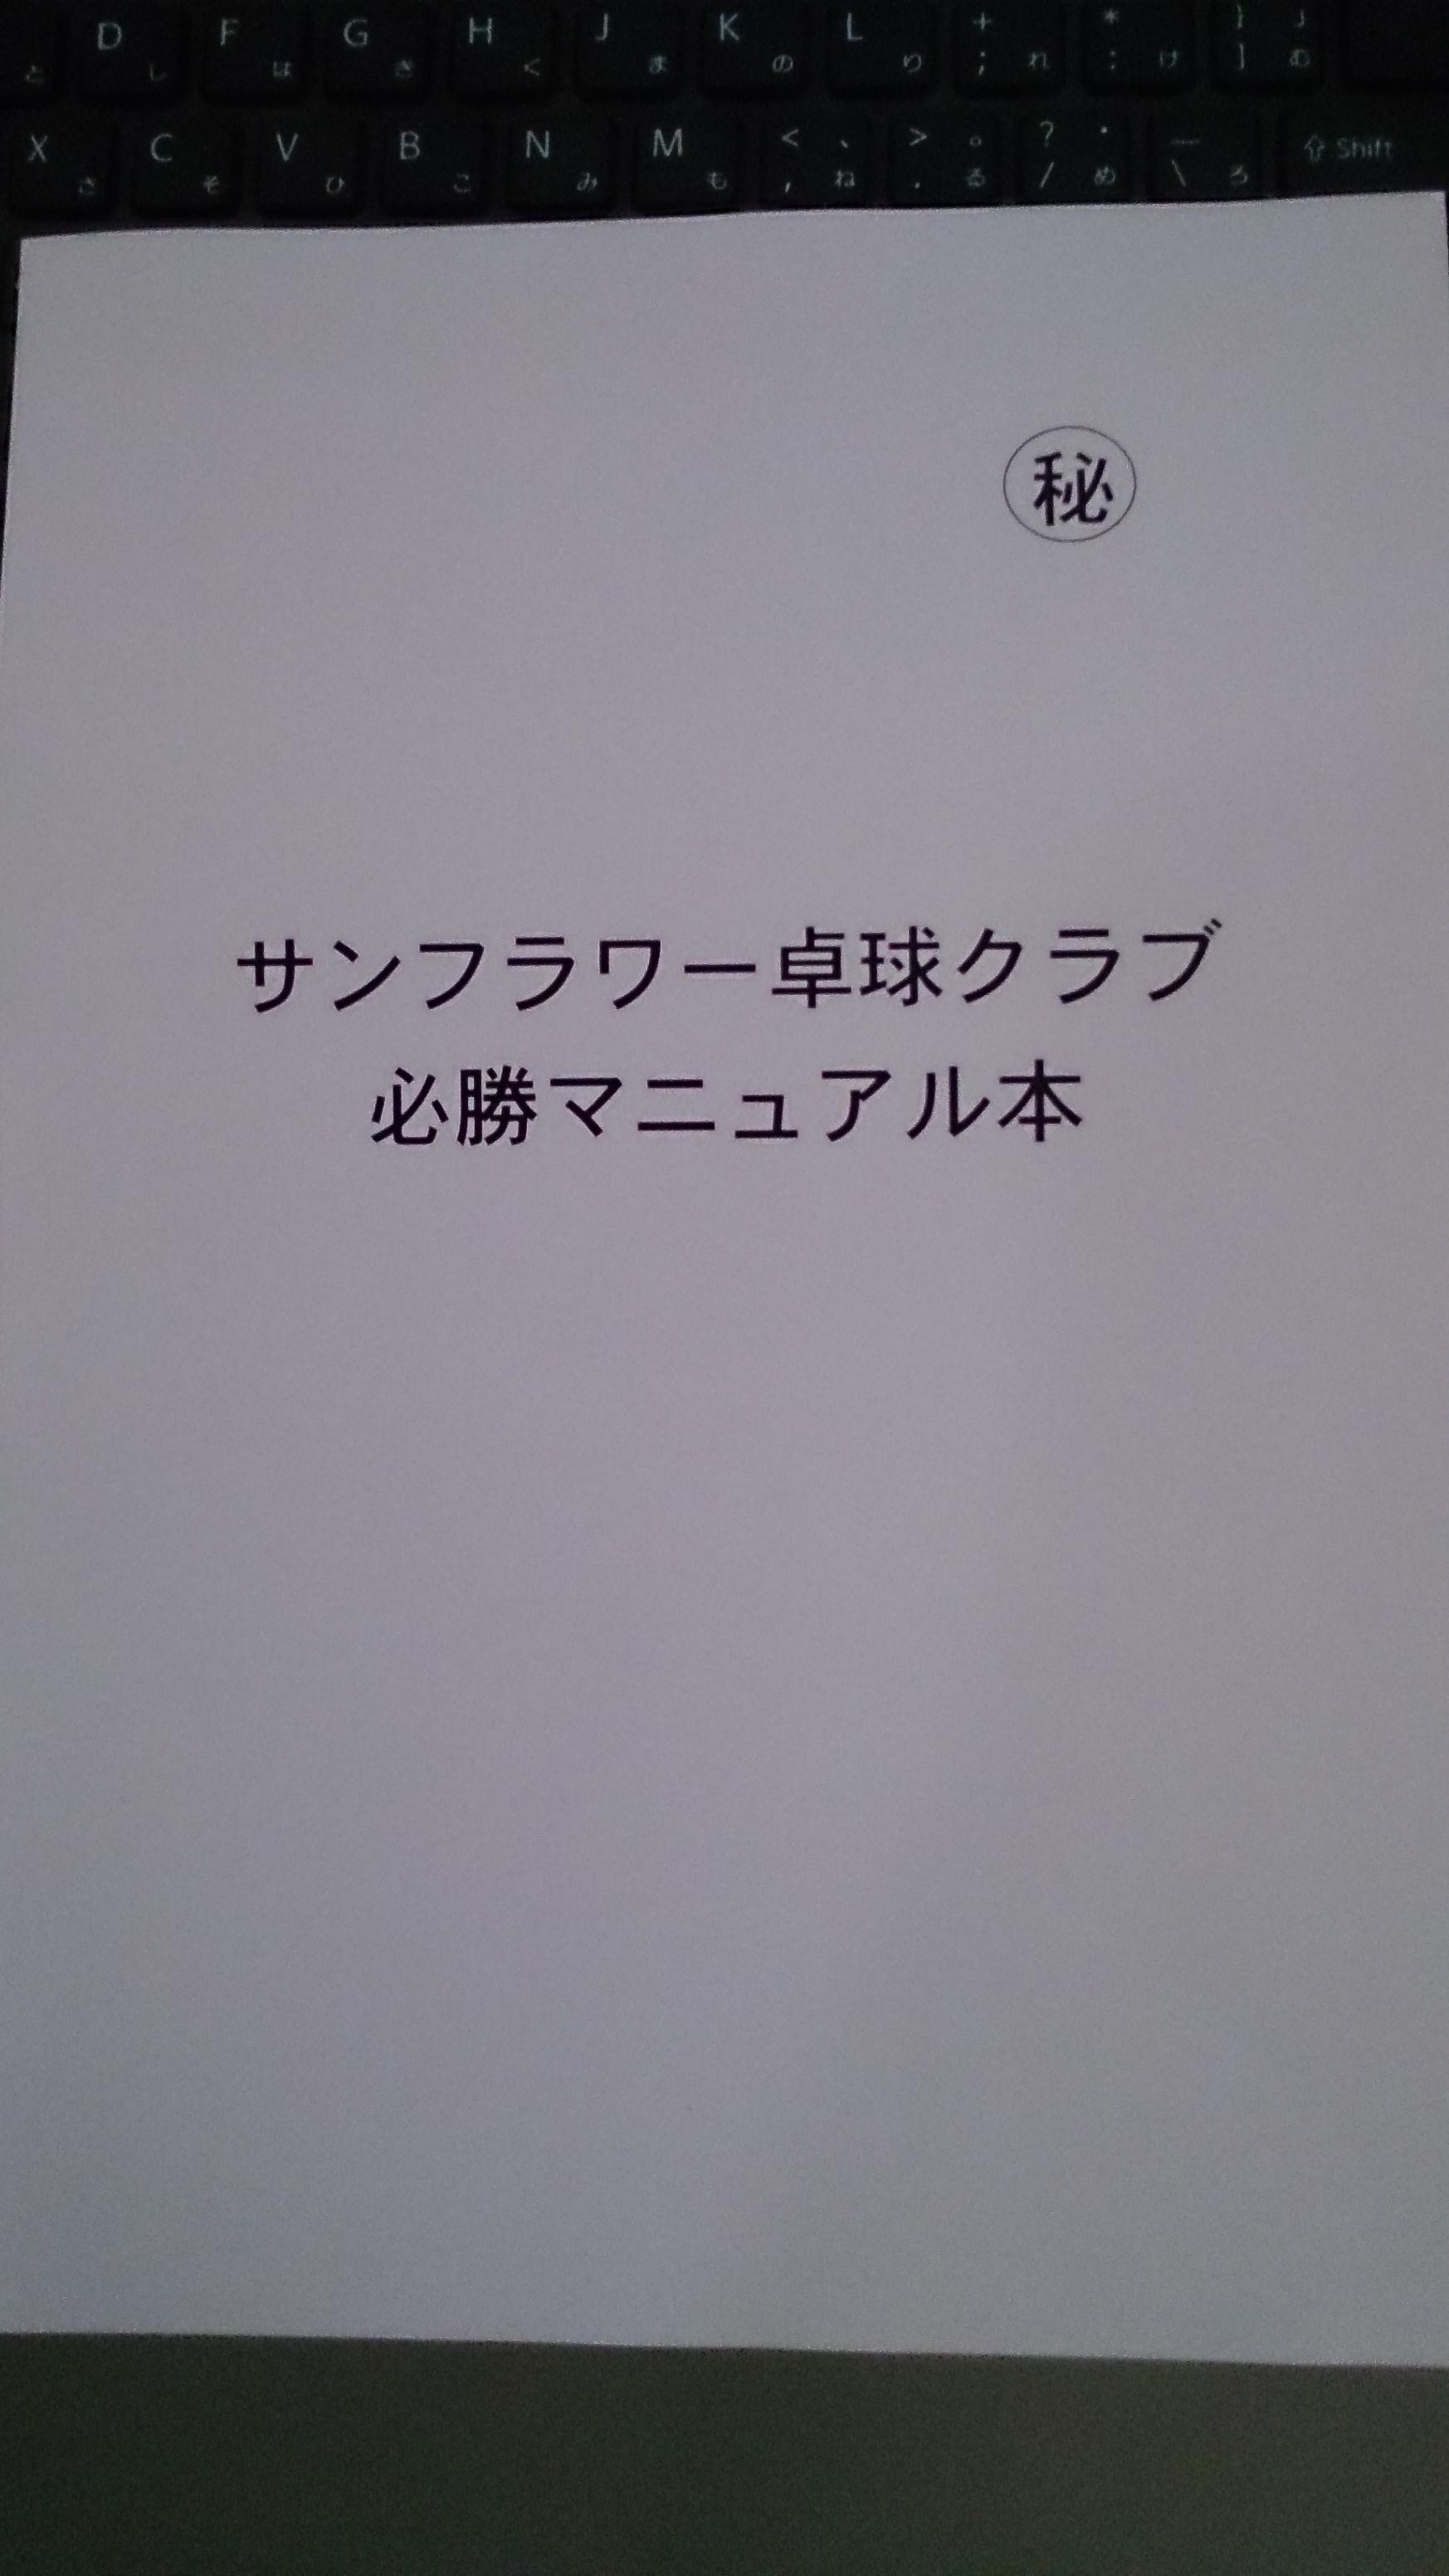 20140704095045cb7.jpg